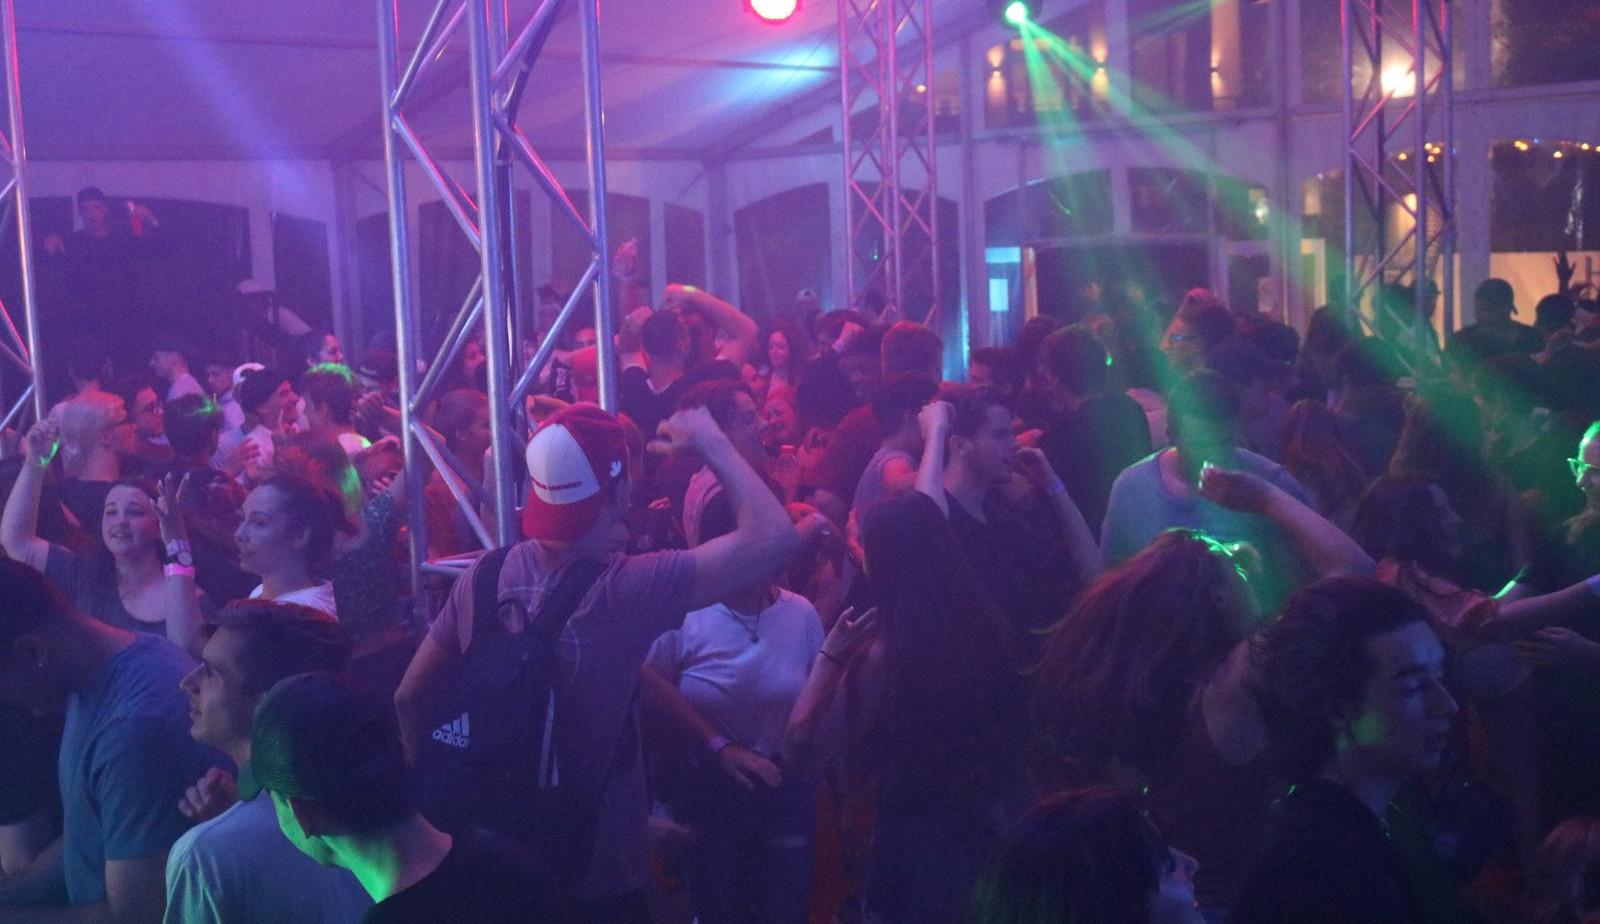 SPECTACLE INTÉRIEUR EN FORMULE DJ